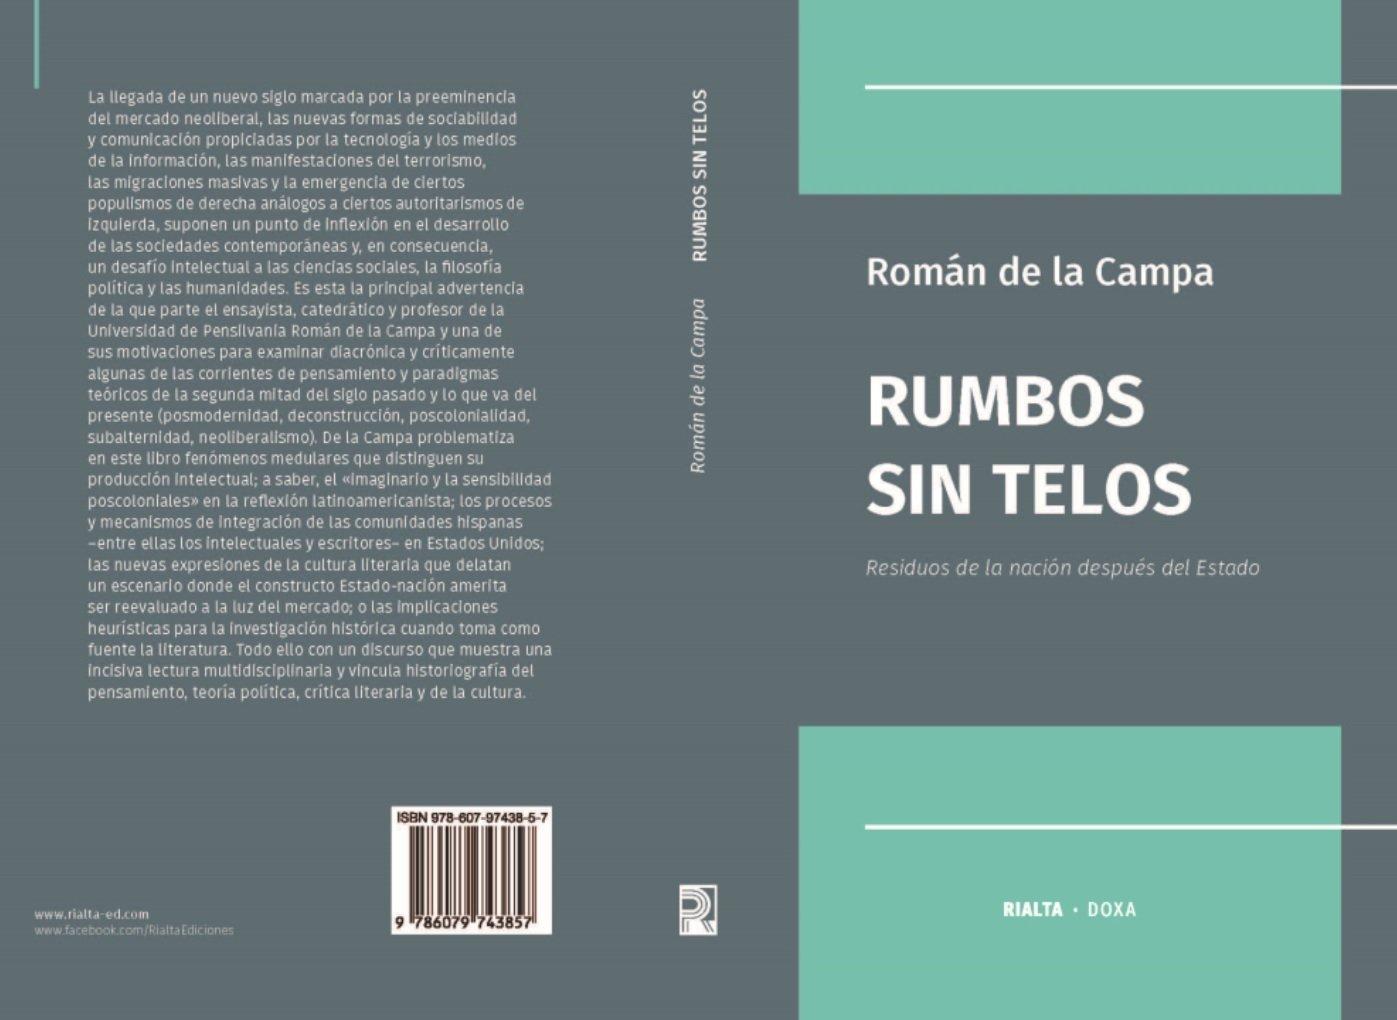 Cubierta Rumbos sin Telos (pliego)